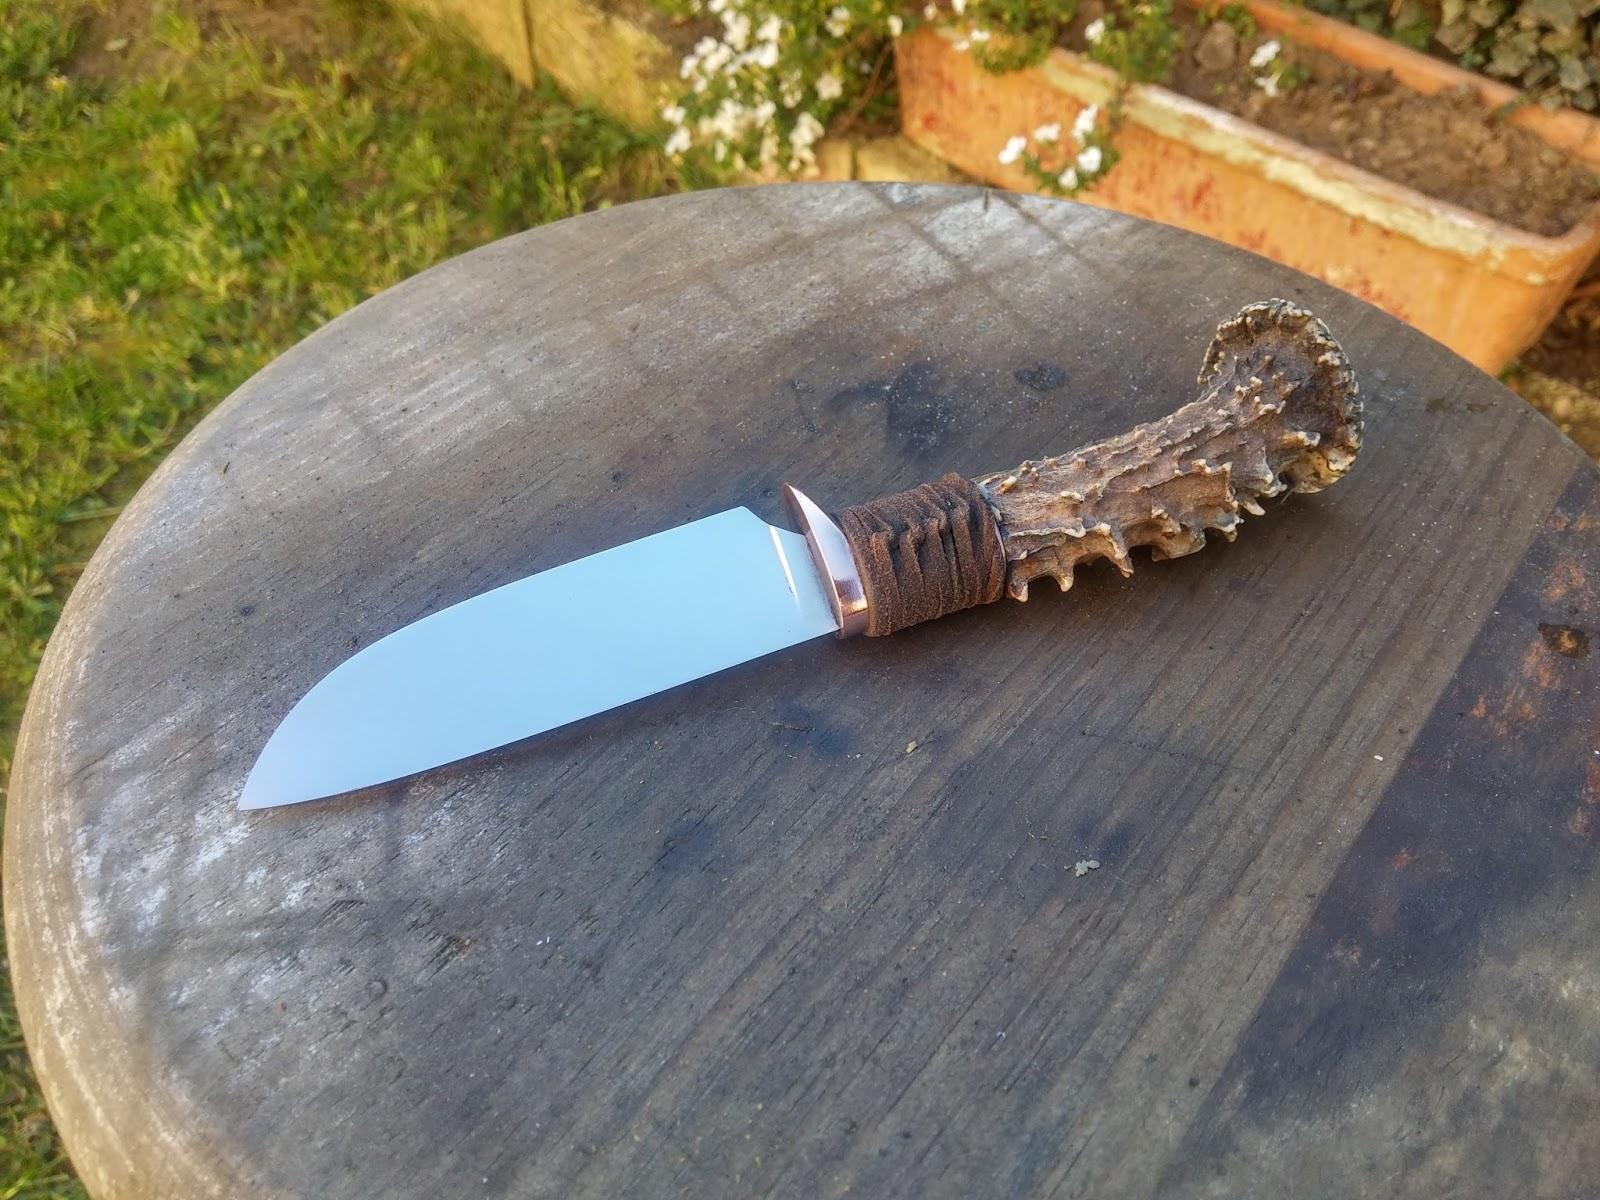 Foro armas blancas cuchillos navajas y m s sencillo - Cuchillo para fruta ...